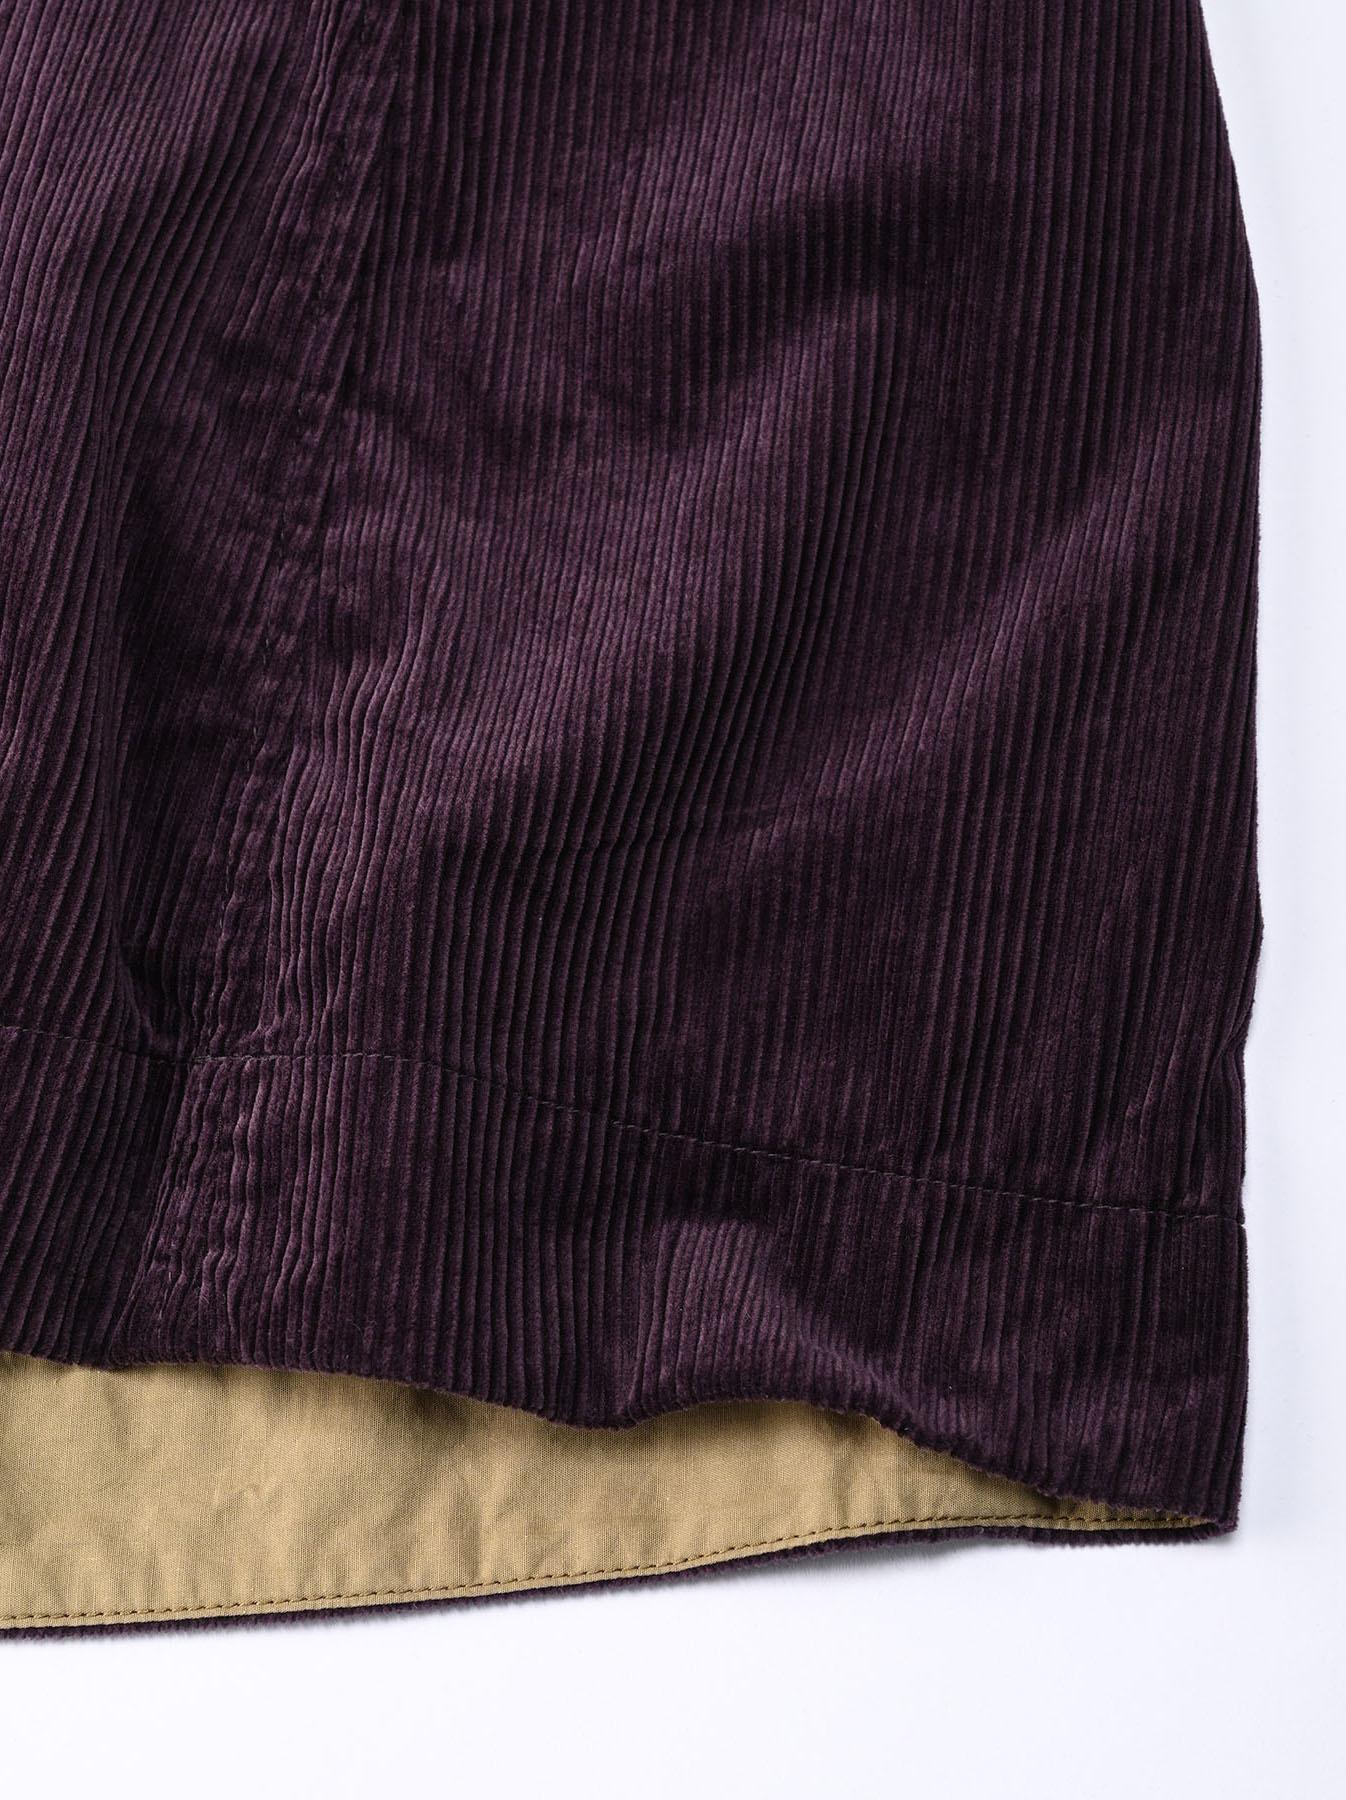 Kutekute Corduroy Gathered Dress-11